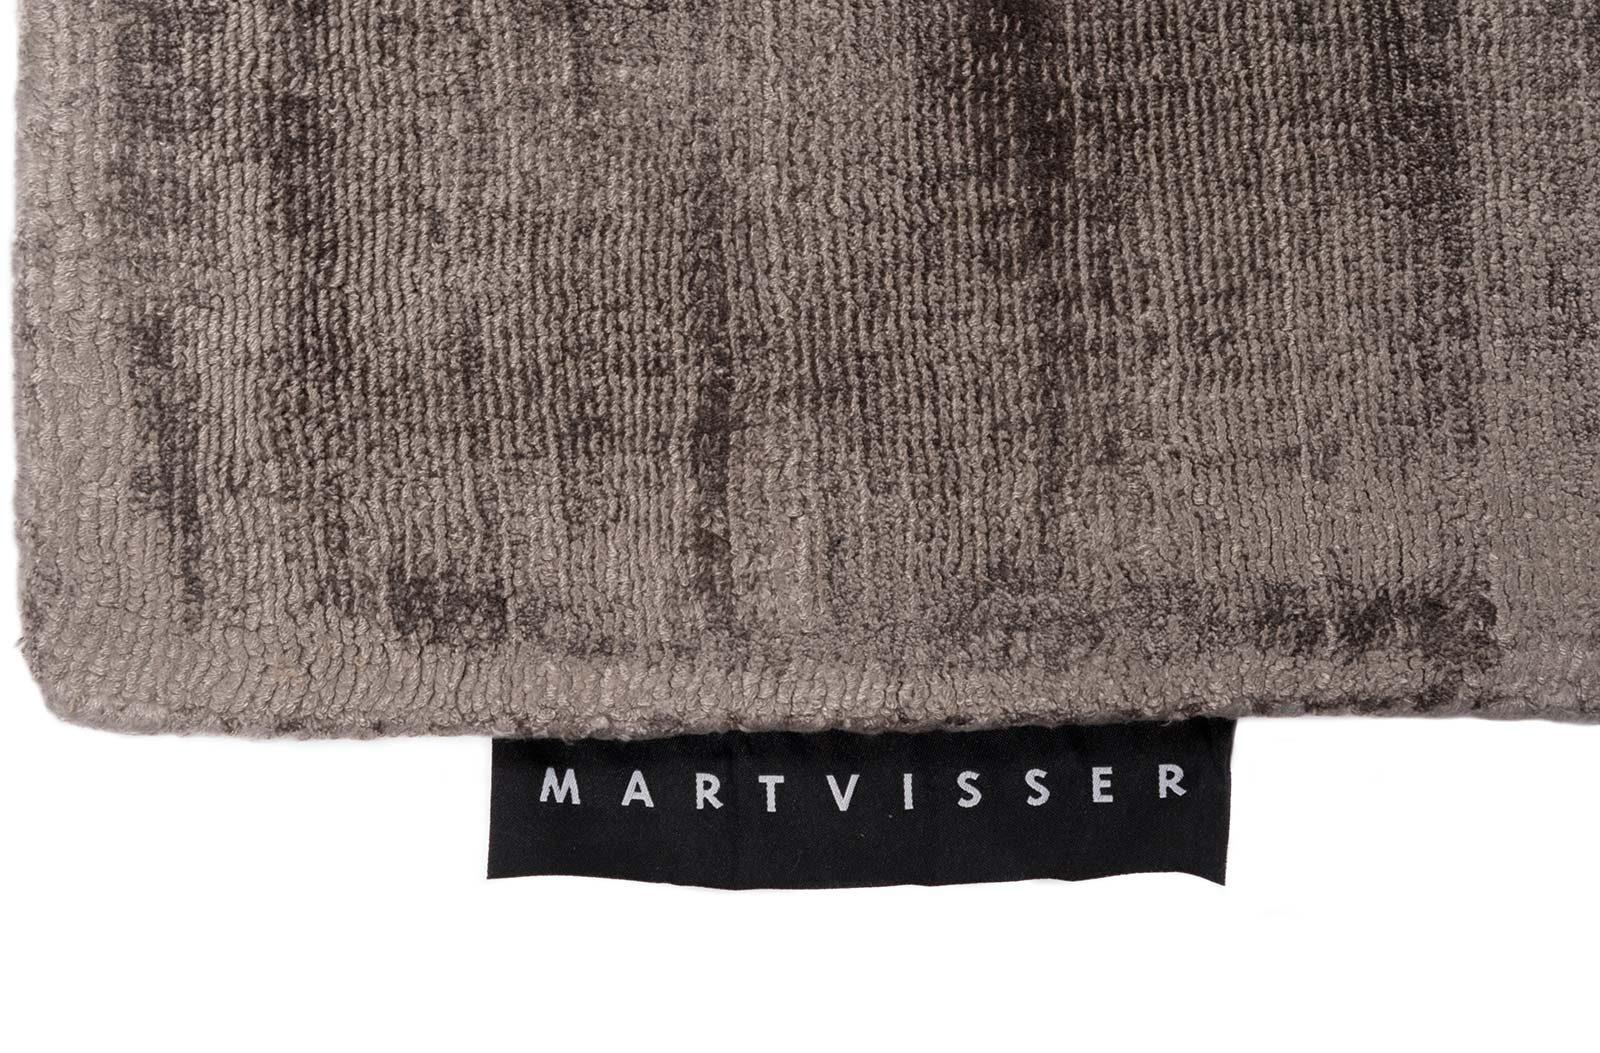 Mart Visser teppich Crushed Velvet Tin Grey 18 label